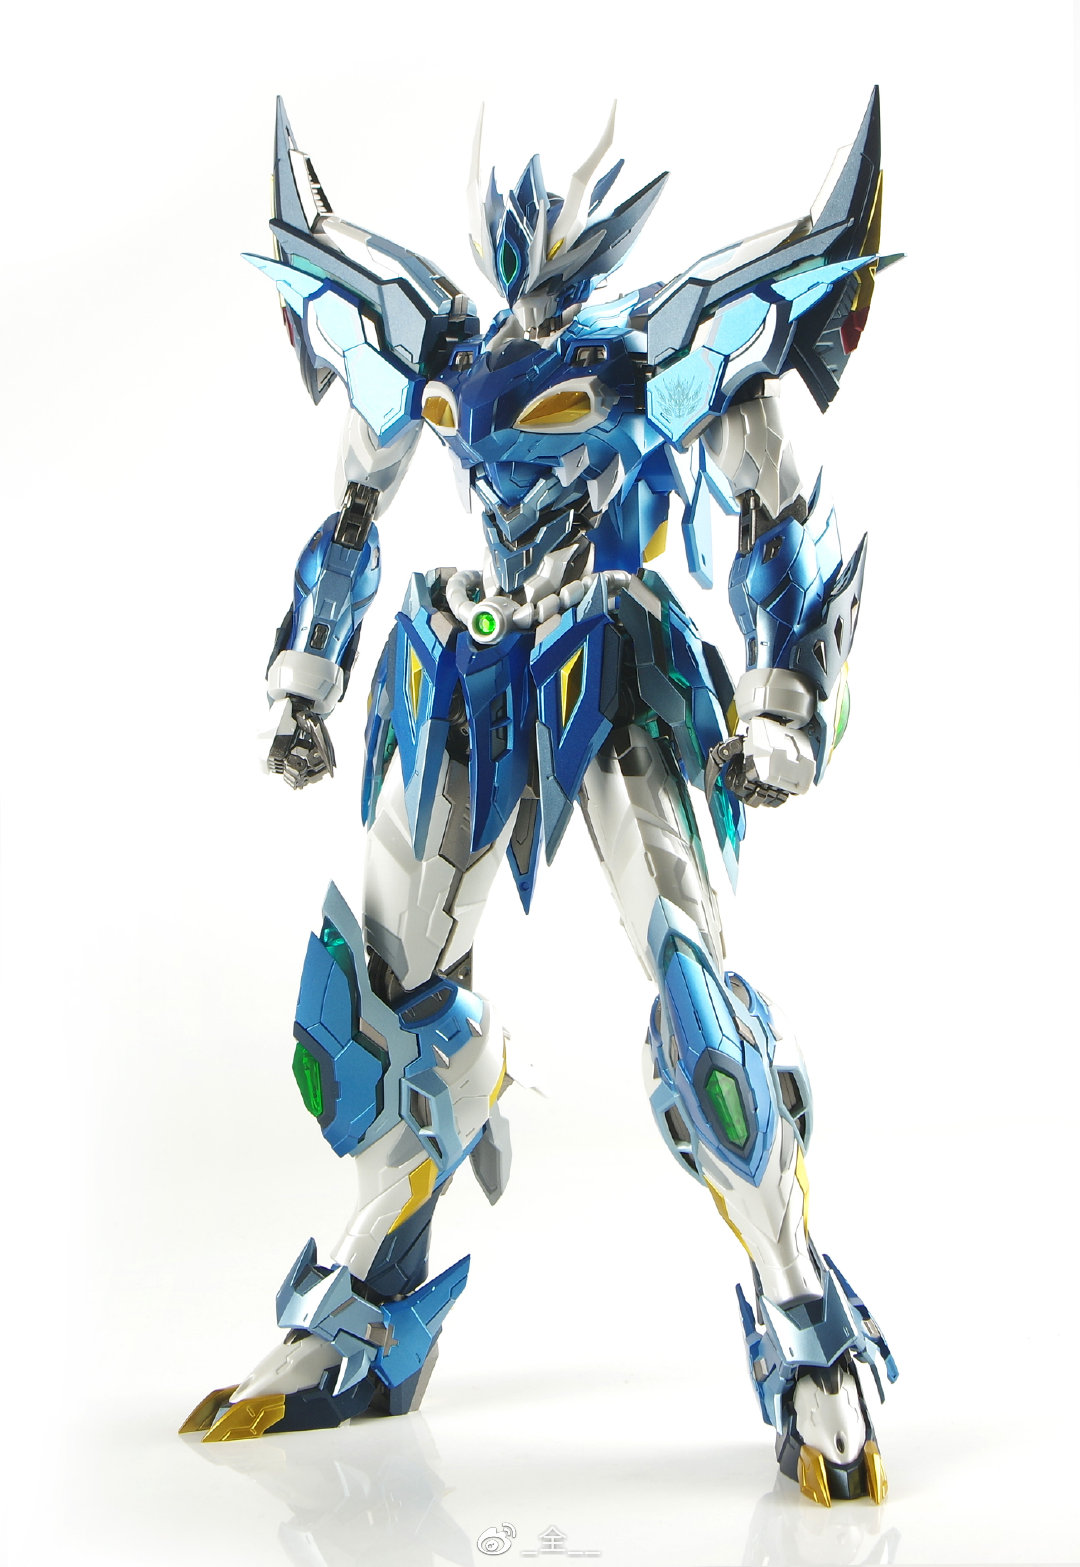 S470_MOTOR_NUCLEAR_MN_Q03_blue_gragon_ao_bing_di_hui_xing_han_long_zi_014.jpg